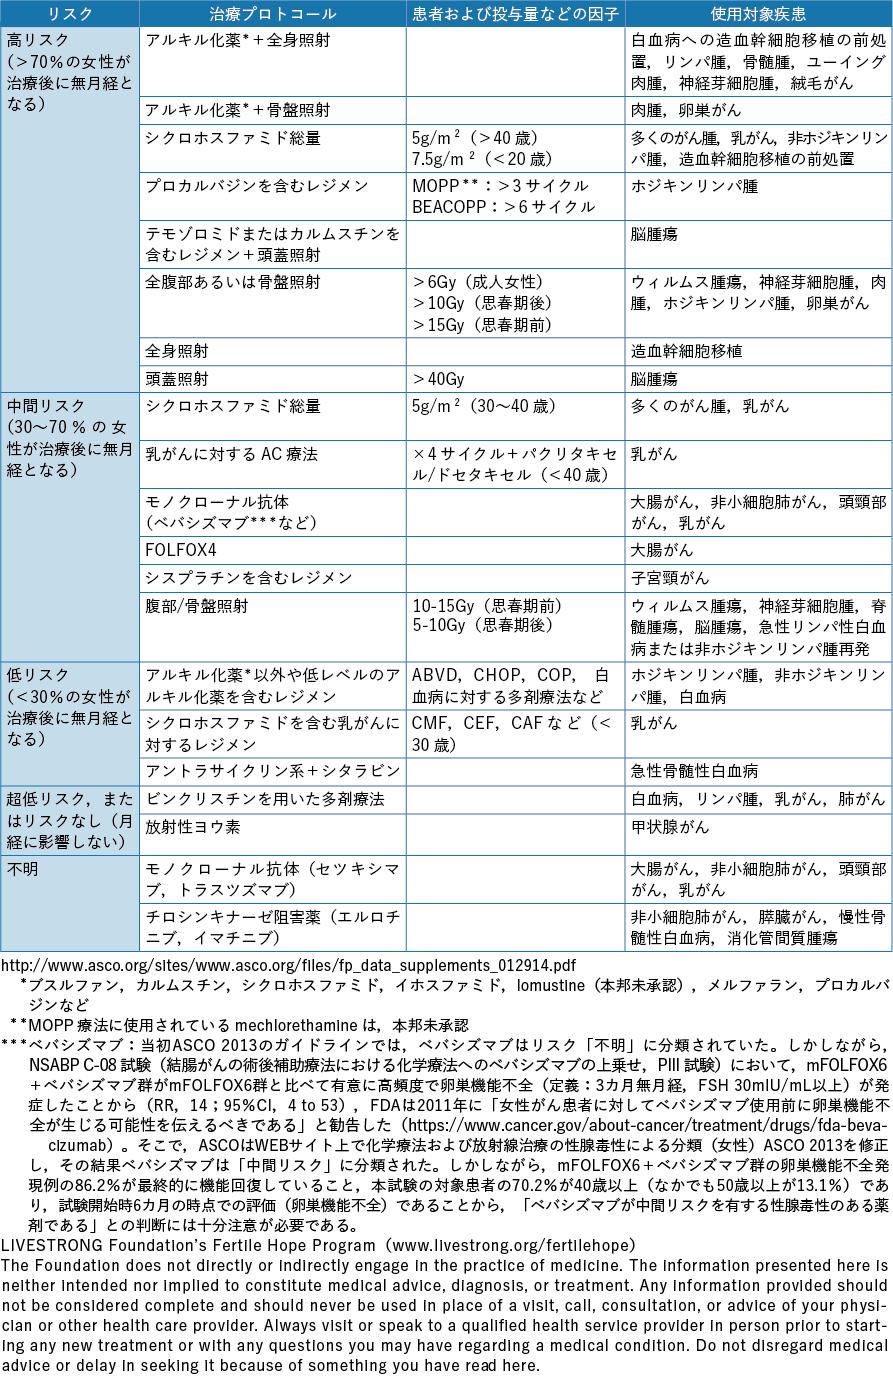 表2-1 化学療法および放射線治療による性腺毒性のリスク分類(女性)ASCO 2013